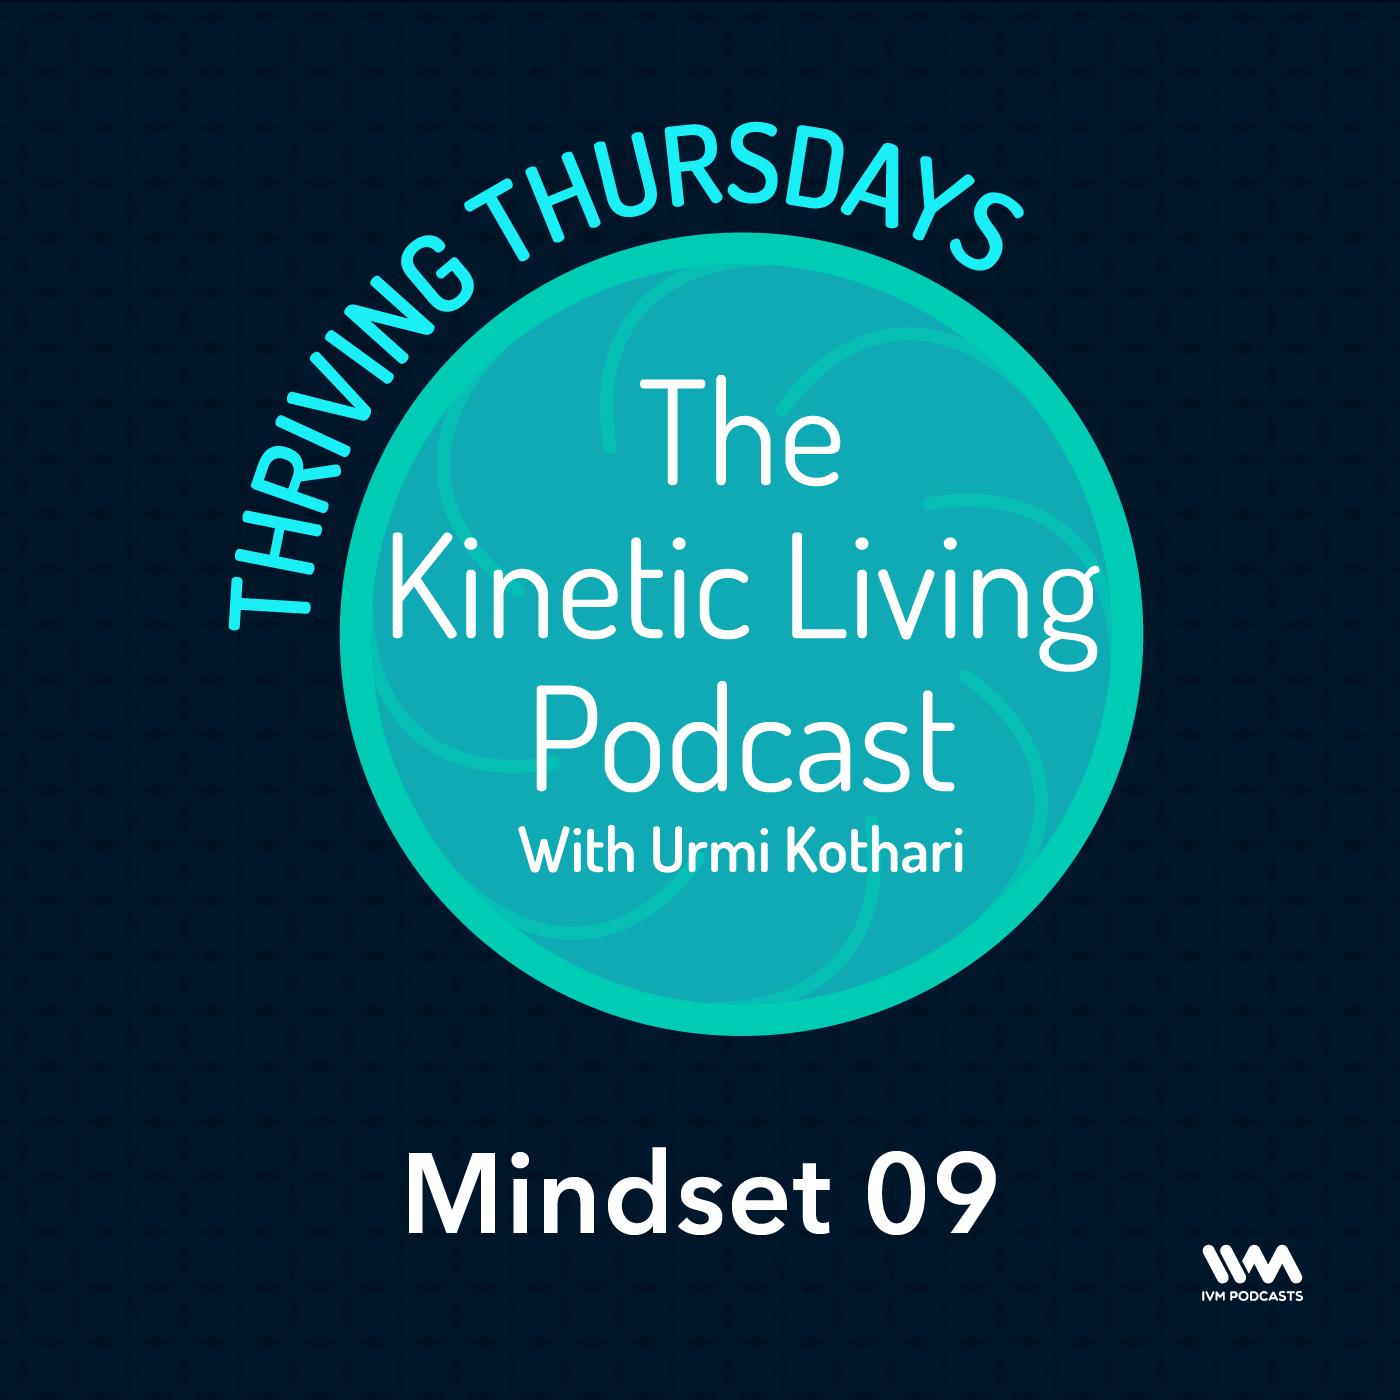 S02 E09: Thriving Thursday- Mindset 09